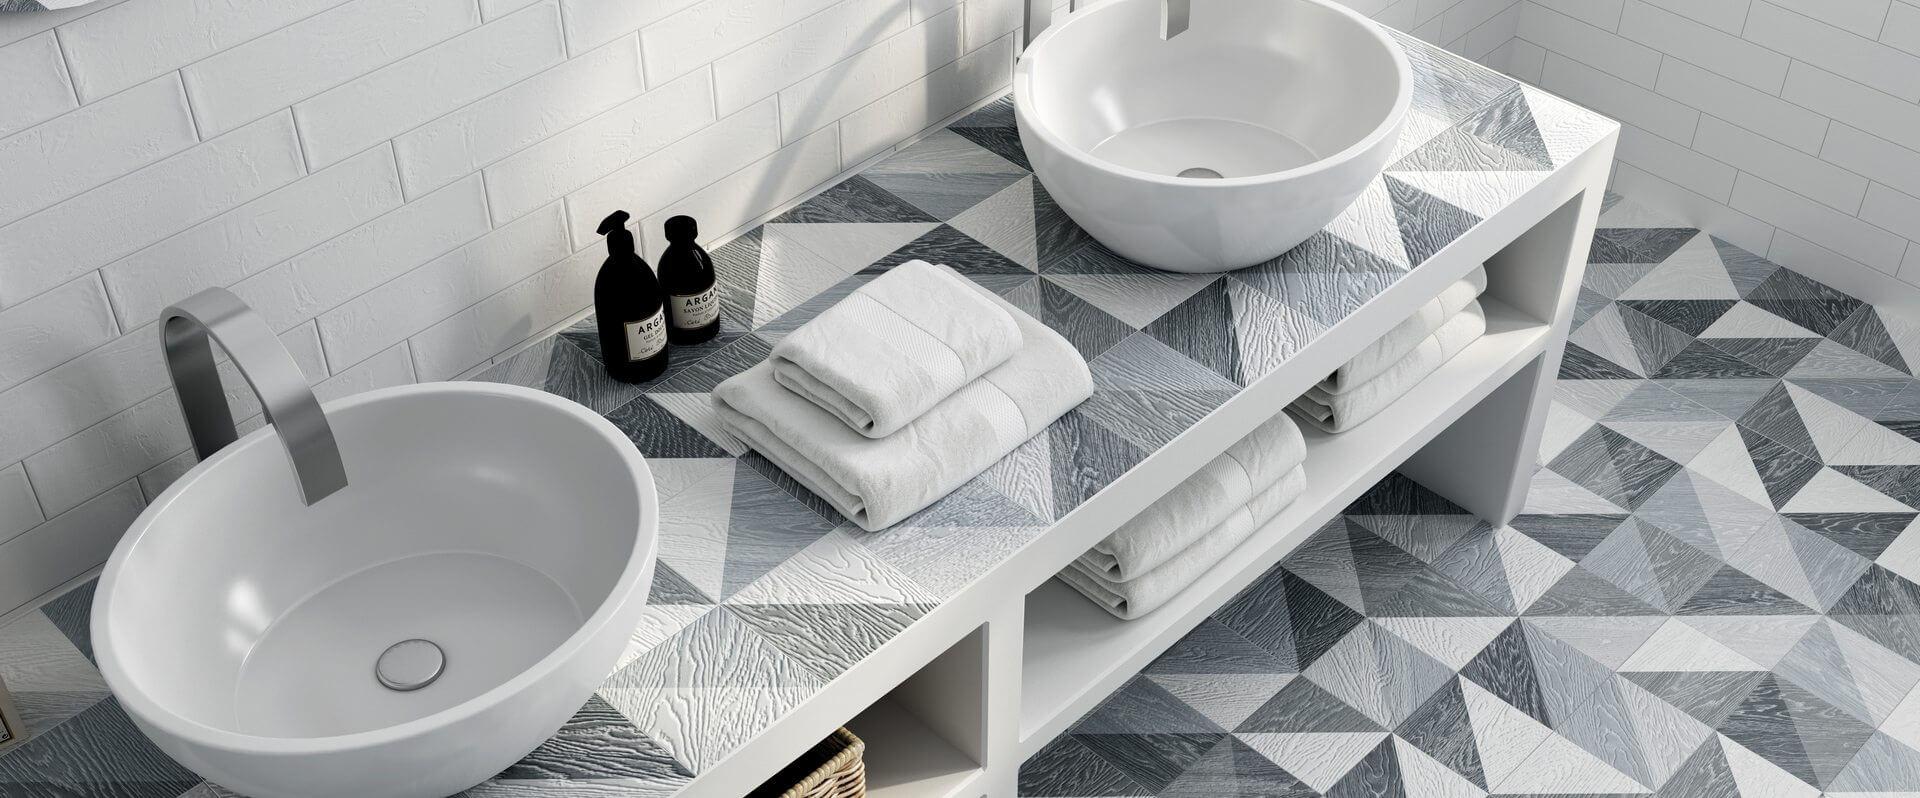 Salony Wyposażenia łazienek Płytki Flizy Docieplenia